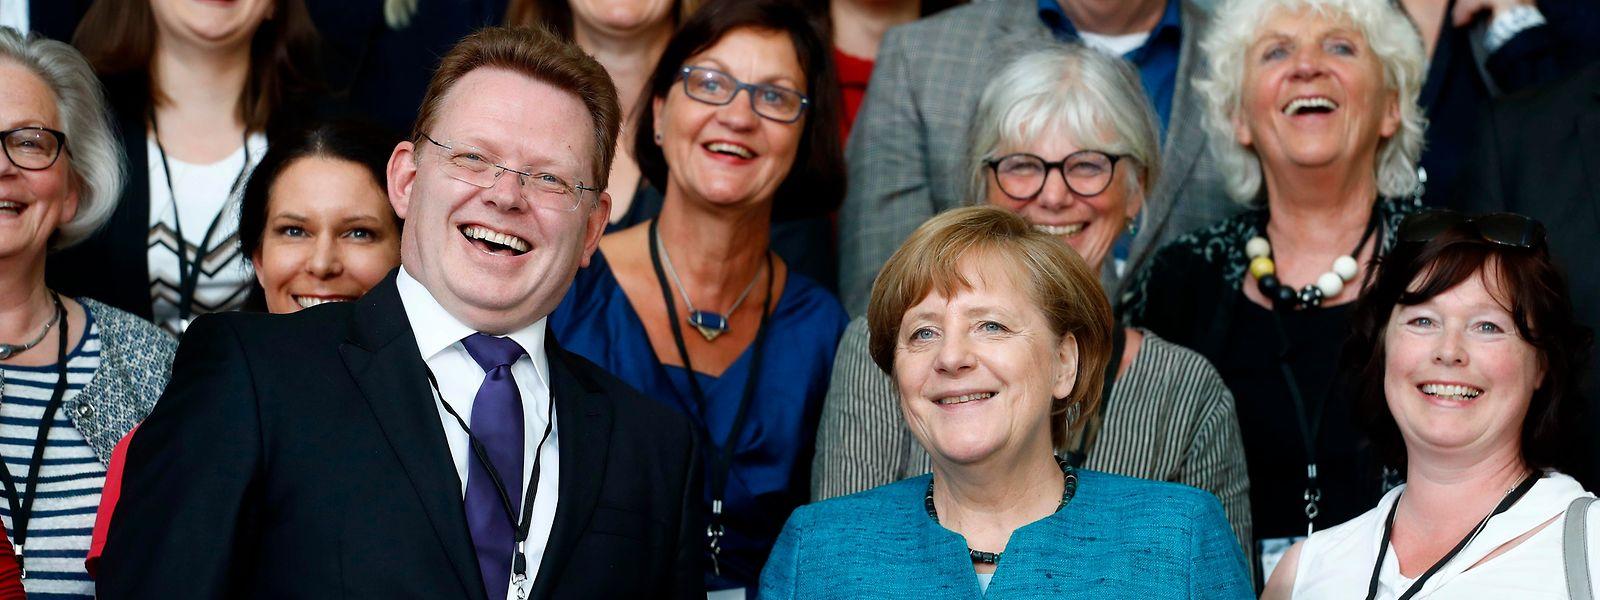 Andreas Hollstein (l.) wurde für die Flüchtlingsarbeit in seiner Gemeinde Altena von Bundeskanzlerin Angela Merkel mit dem Nationalen Integrationspreis ausgezeichnet.